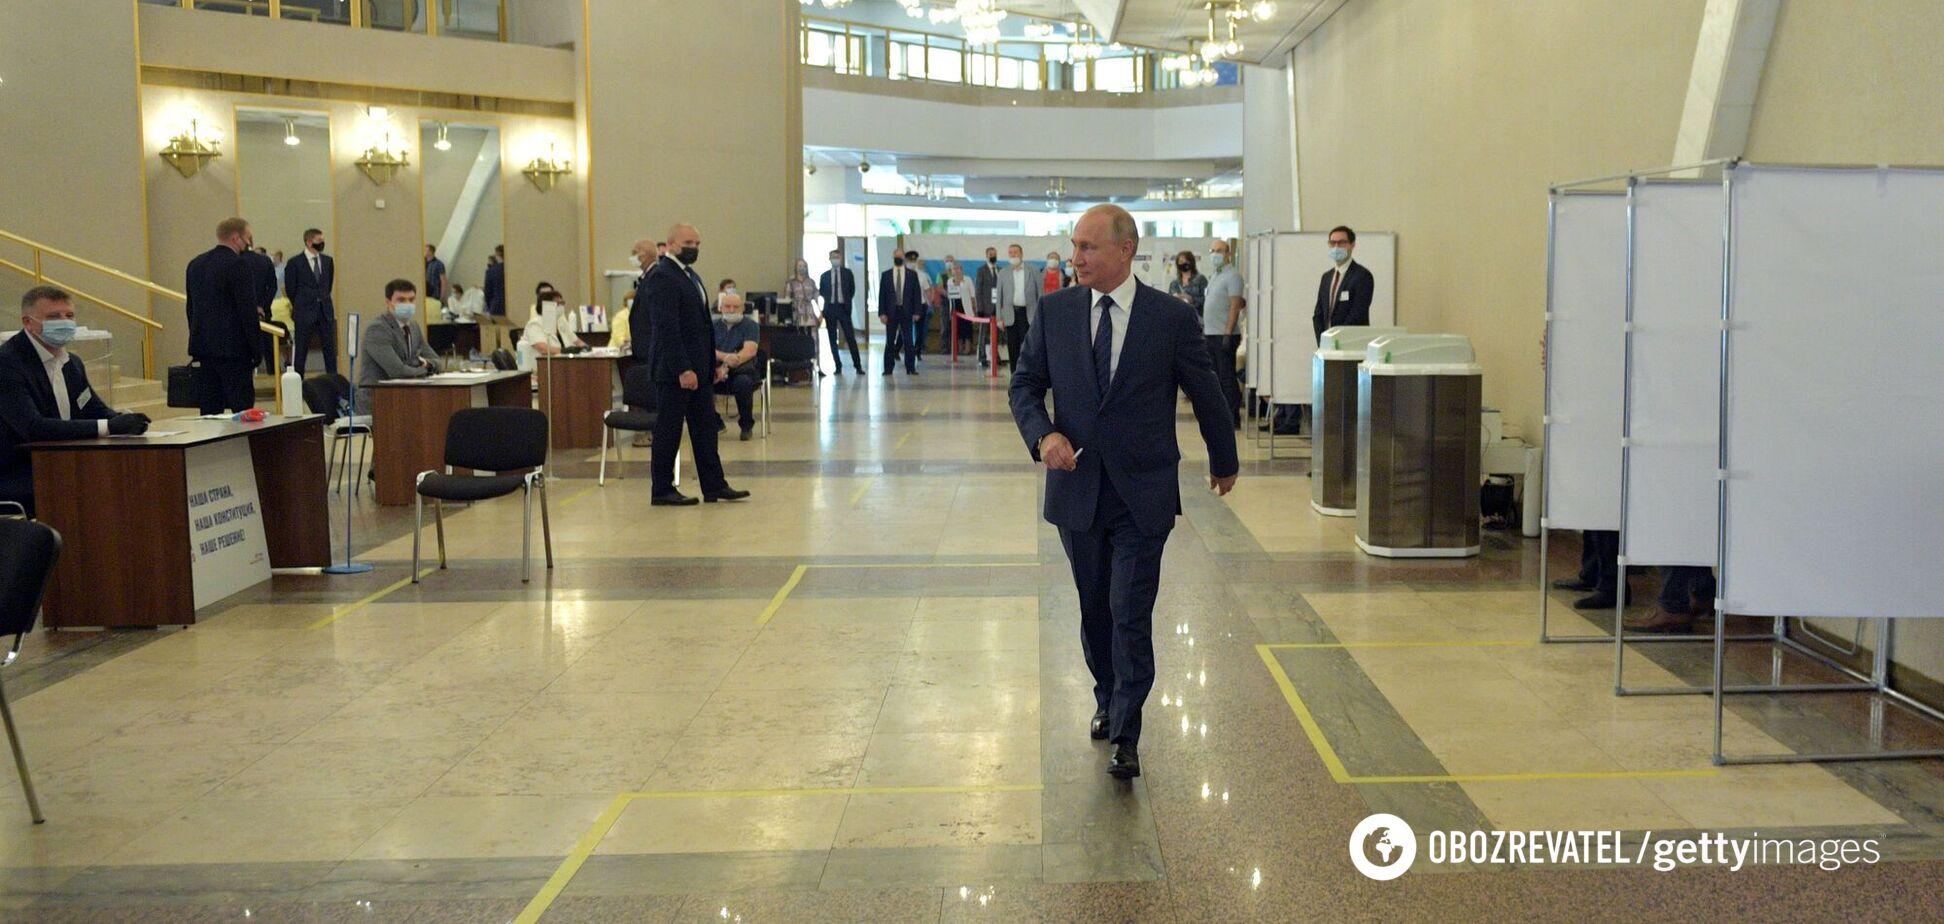 Підсумки року для Путіна: 'обнулення' вийшло жалюгідним